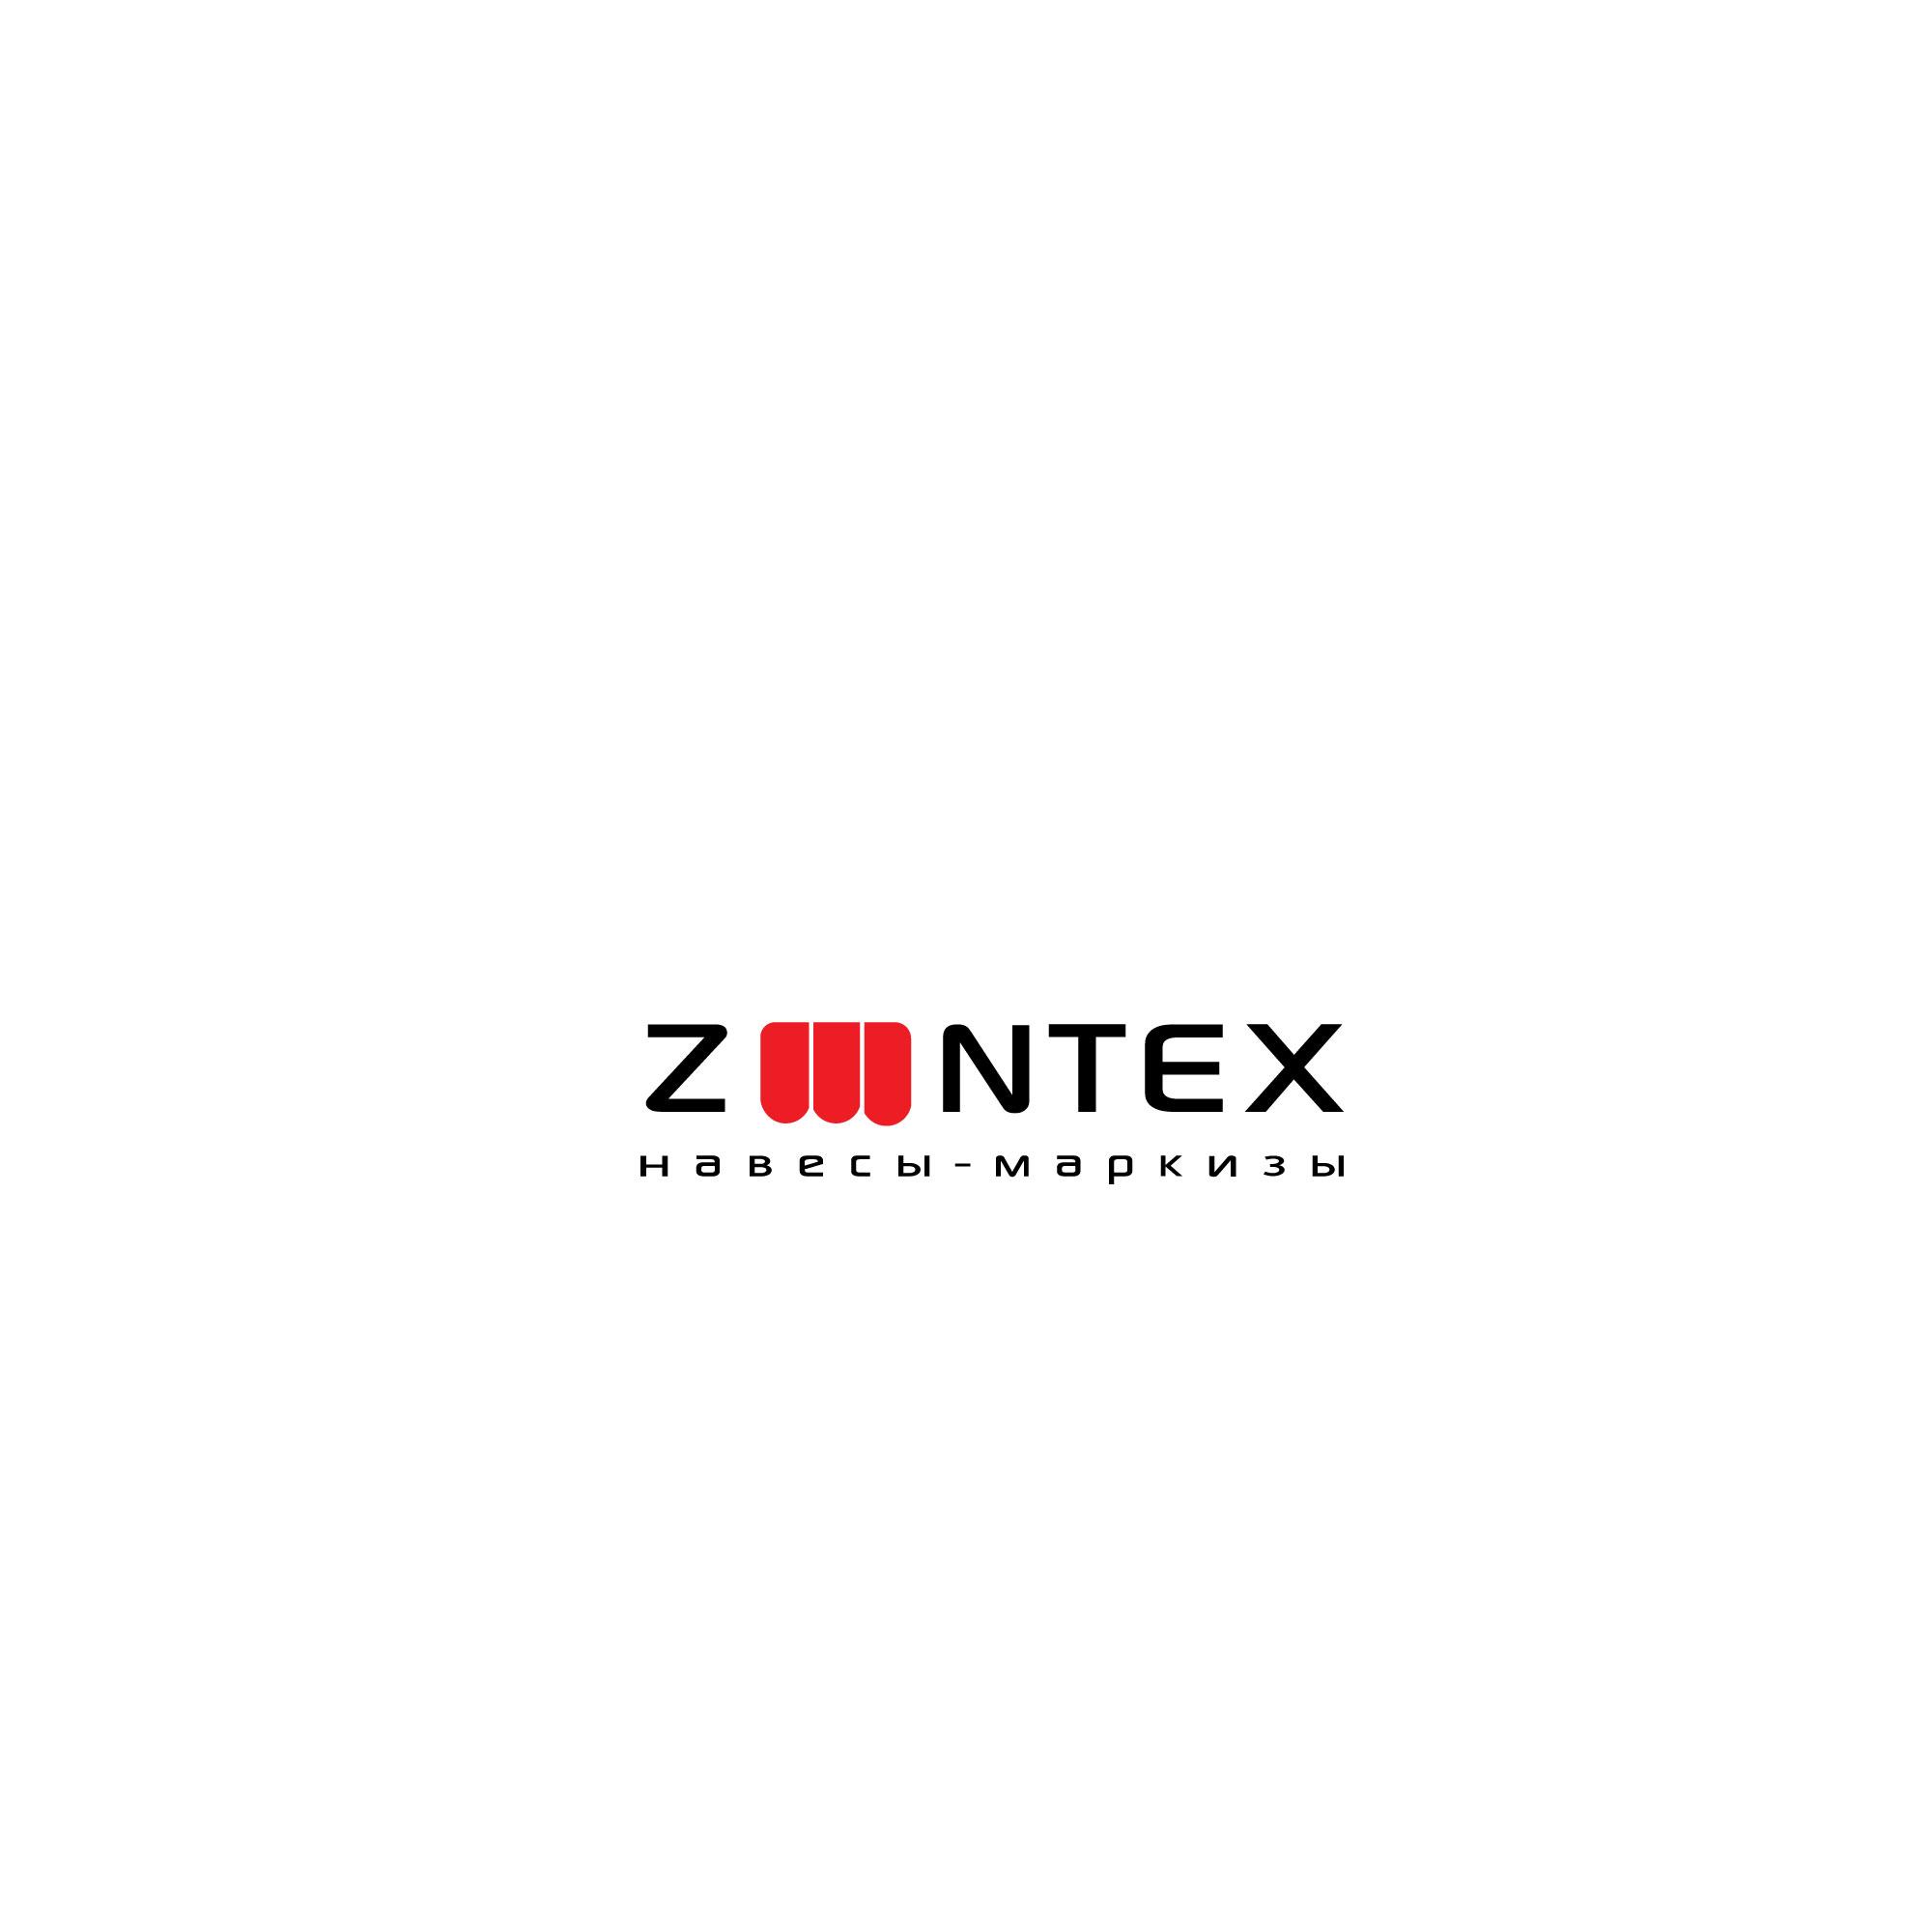 Логотип для интернет проекта фото f_7505a2edd8c49cd9.jpg